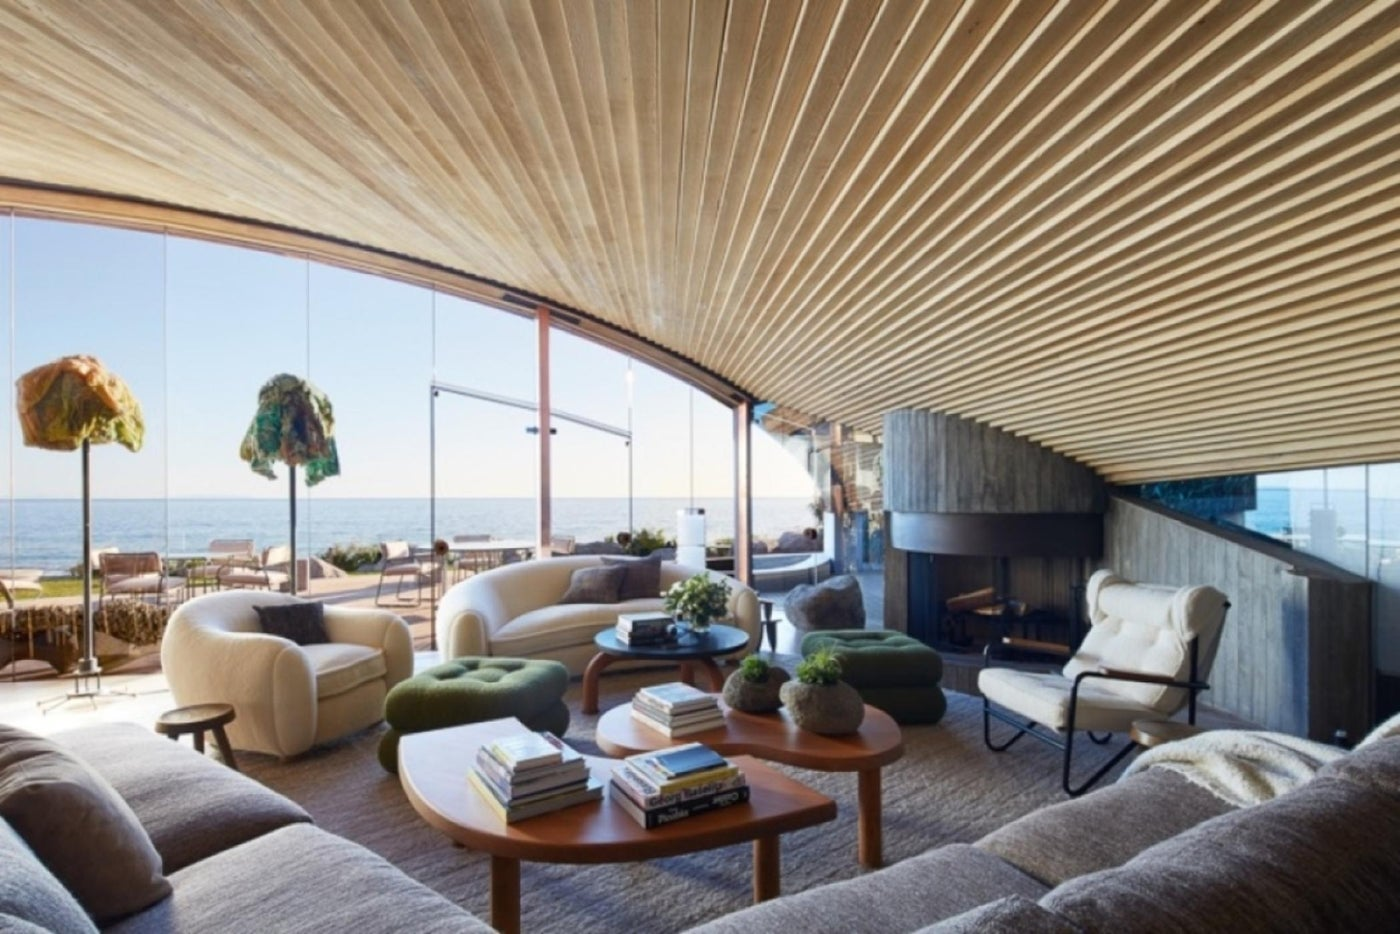 John Lautner Malibu Beach House - Living Room